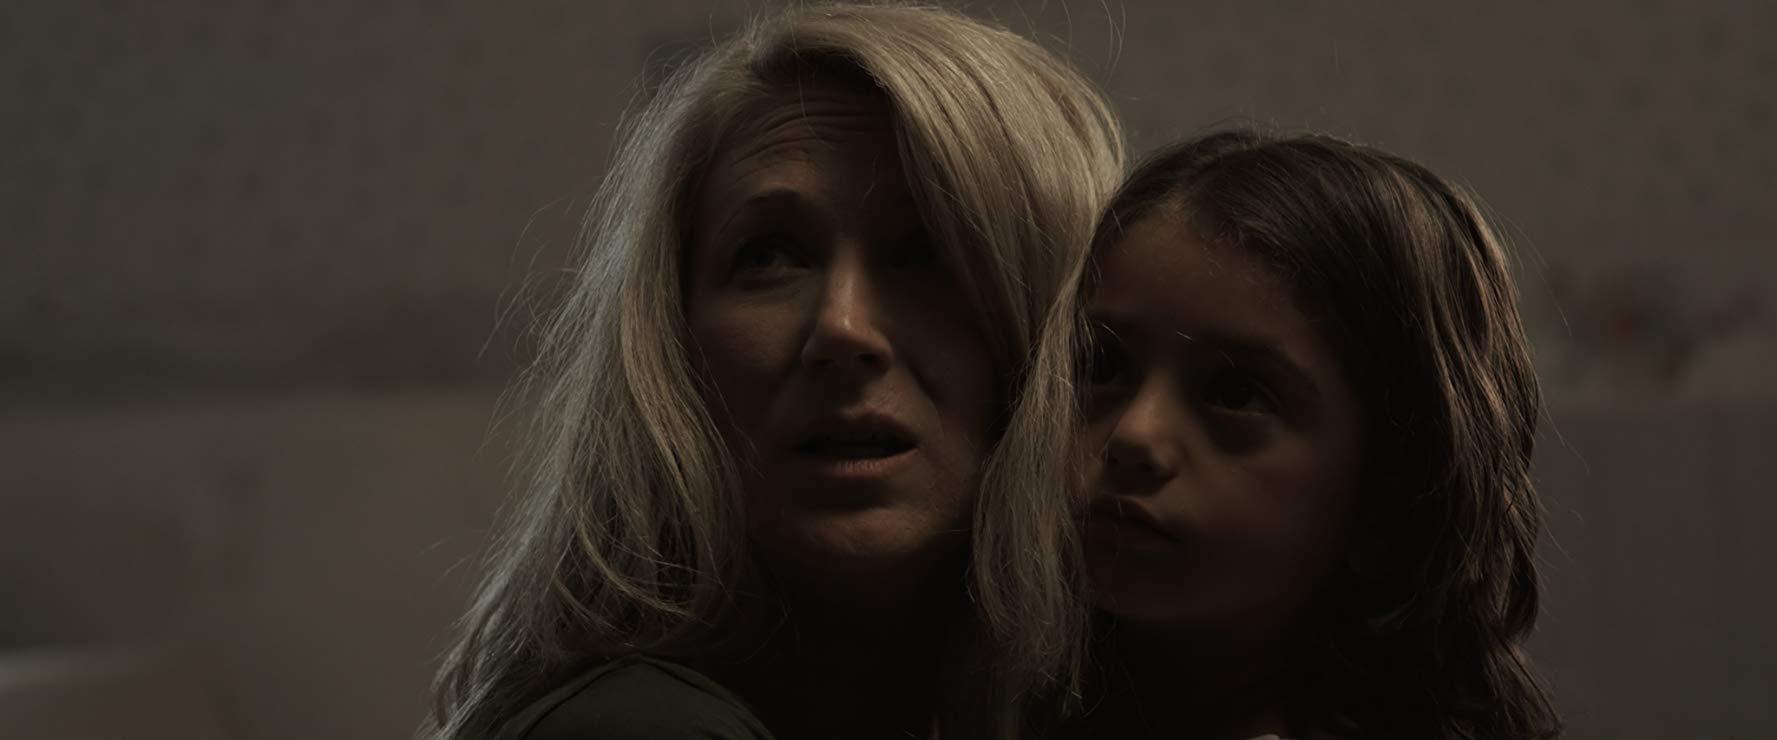 Il Carillon: Rachel Daigh e Cearl Pepper in una scena del film